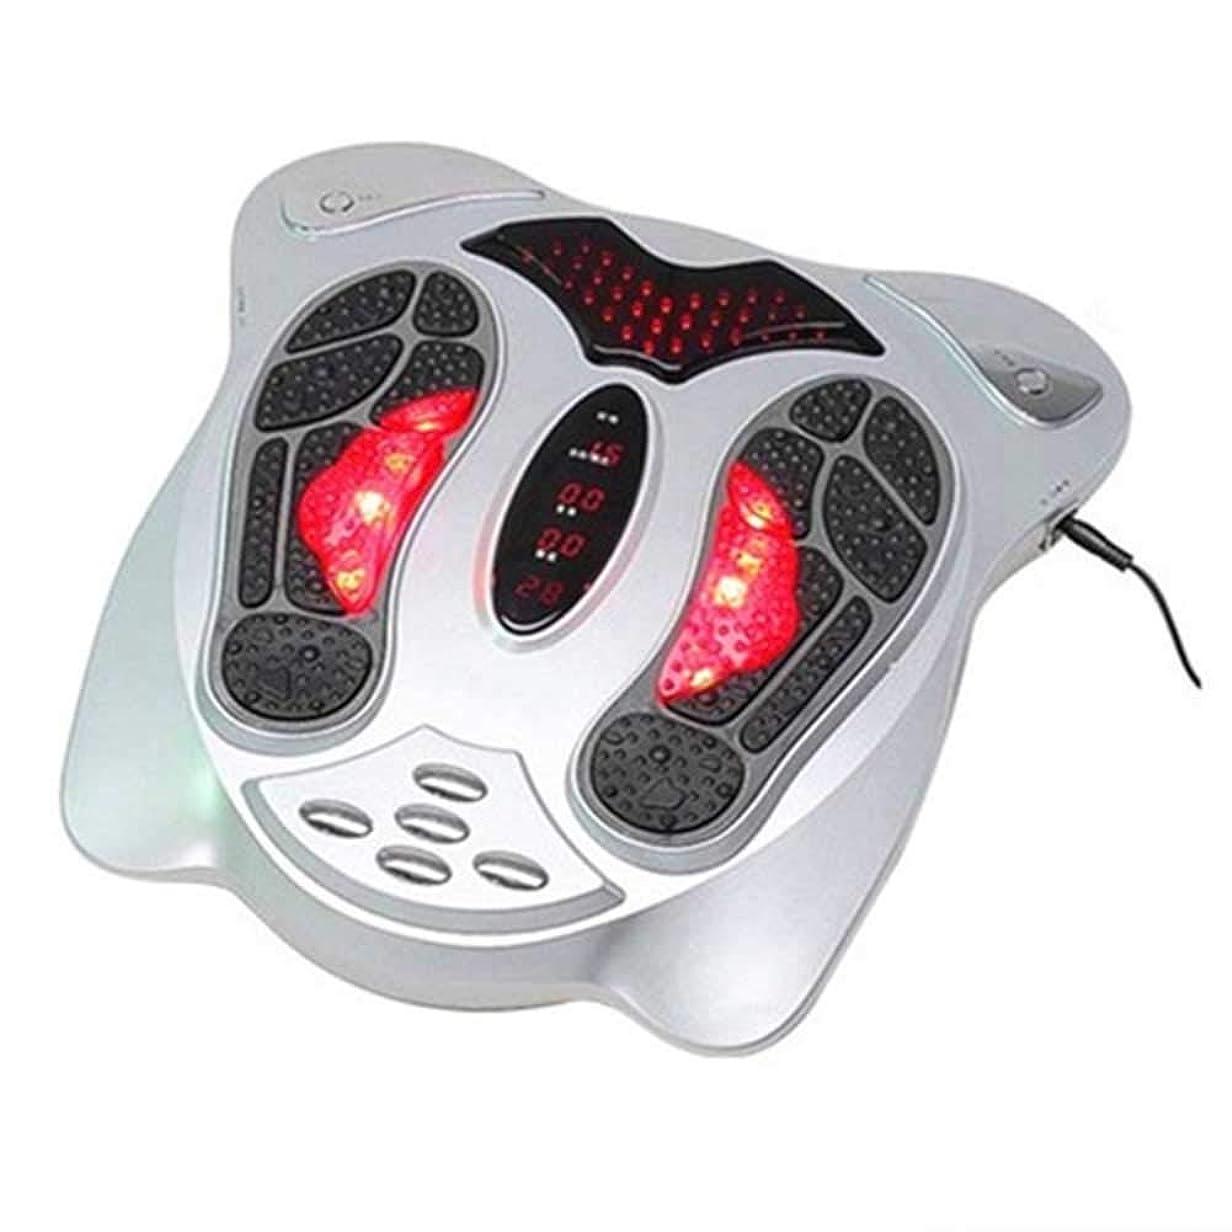 放散するに対処する情熱的足のマッサージャーの電気足の低頻度の脈拍の針療法のマッサージャーの低頻度の健康療法の器械, Silver